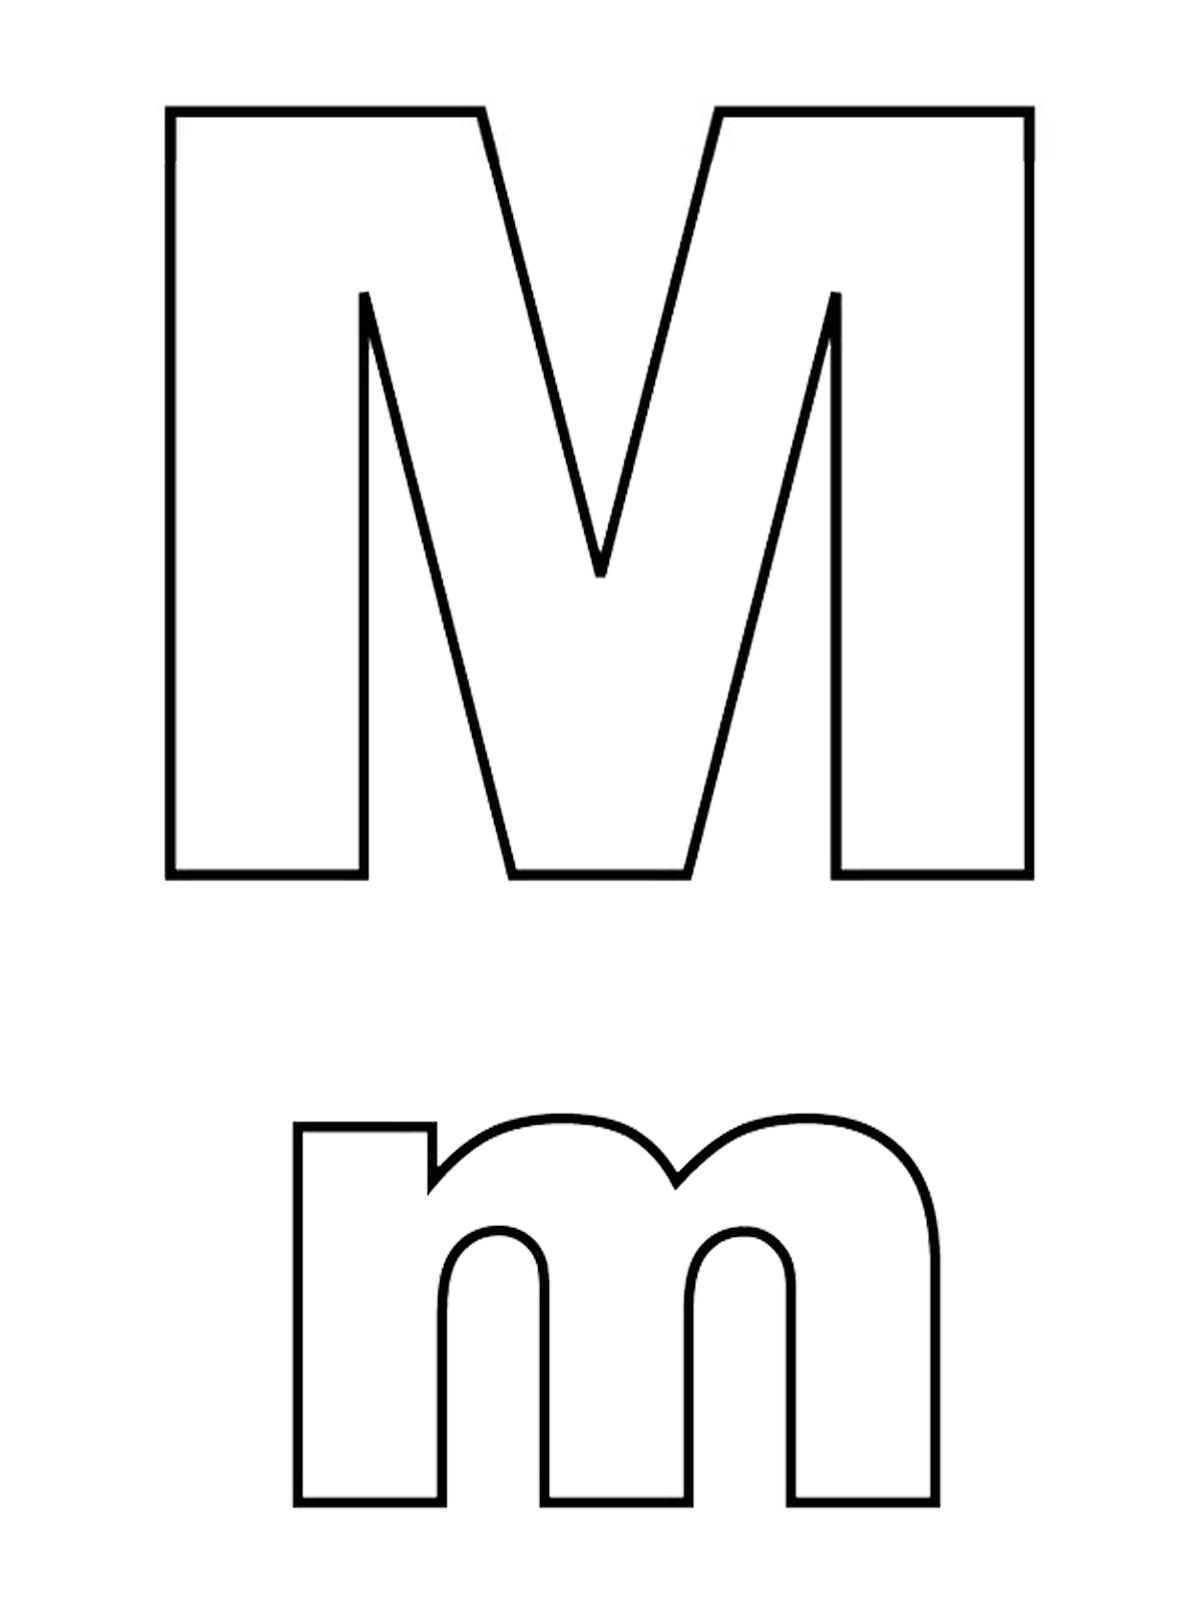 Lettere e numeri - Lettera M stampato maiuscolo e minuscolo